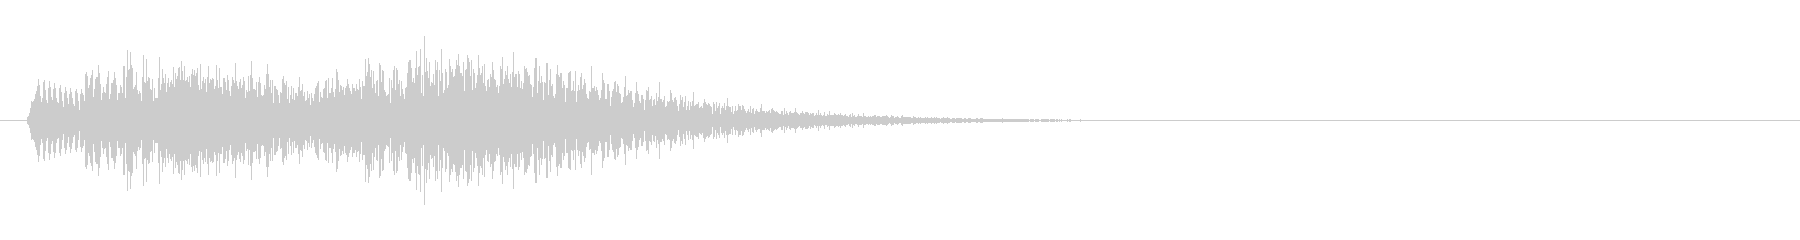 アプリの決定音などに使える シャラン音の未再生の波形